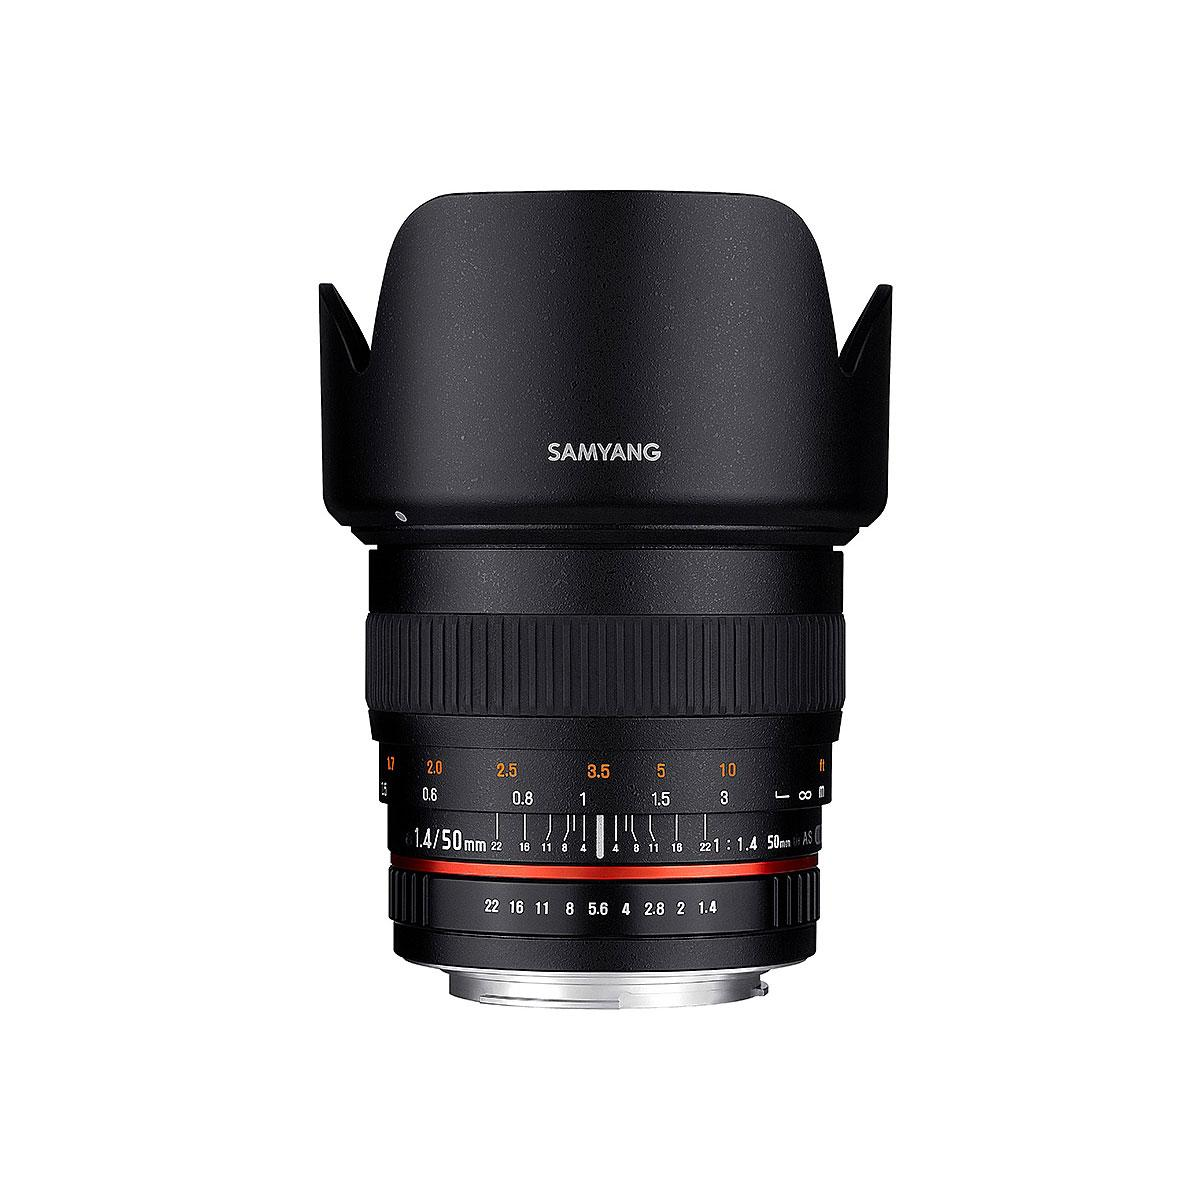 Samyang 50MM F1,4 (FULL-FRAME) – Sony A